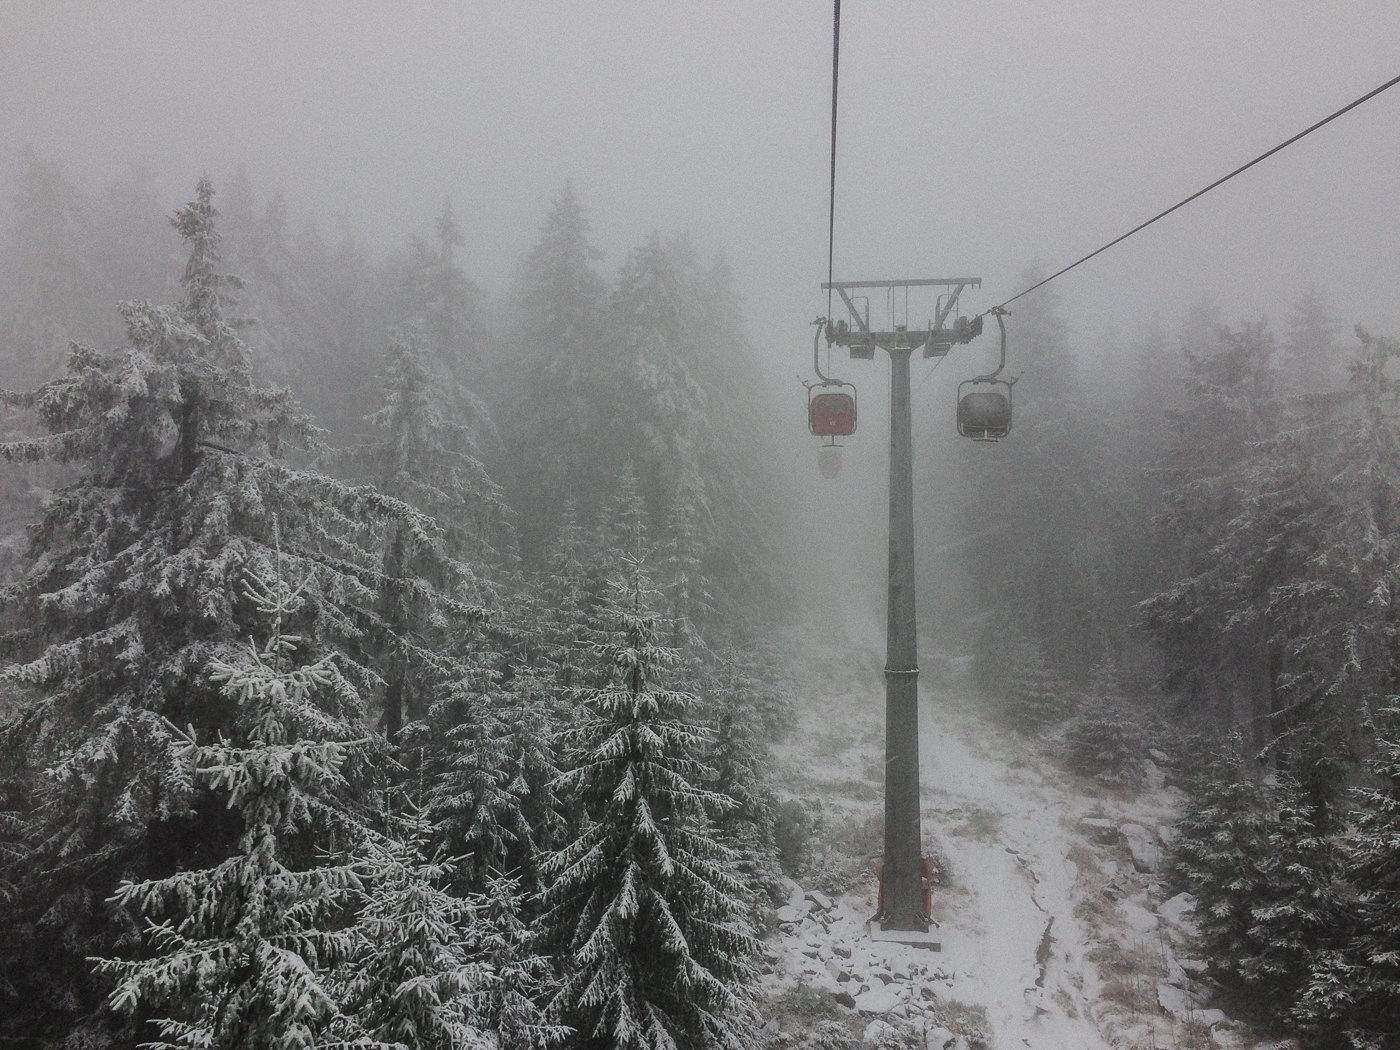 lift in fog